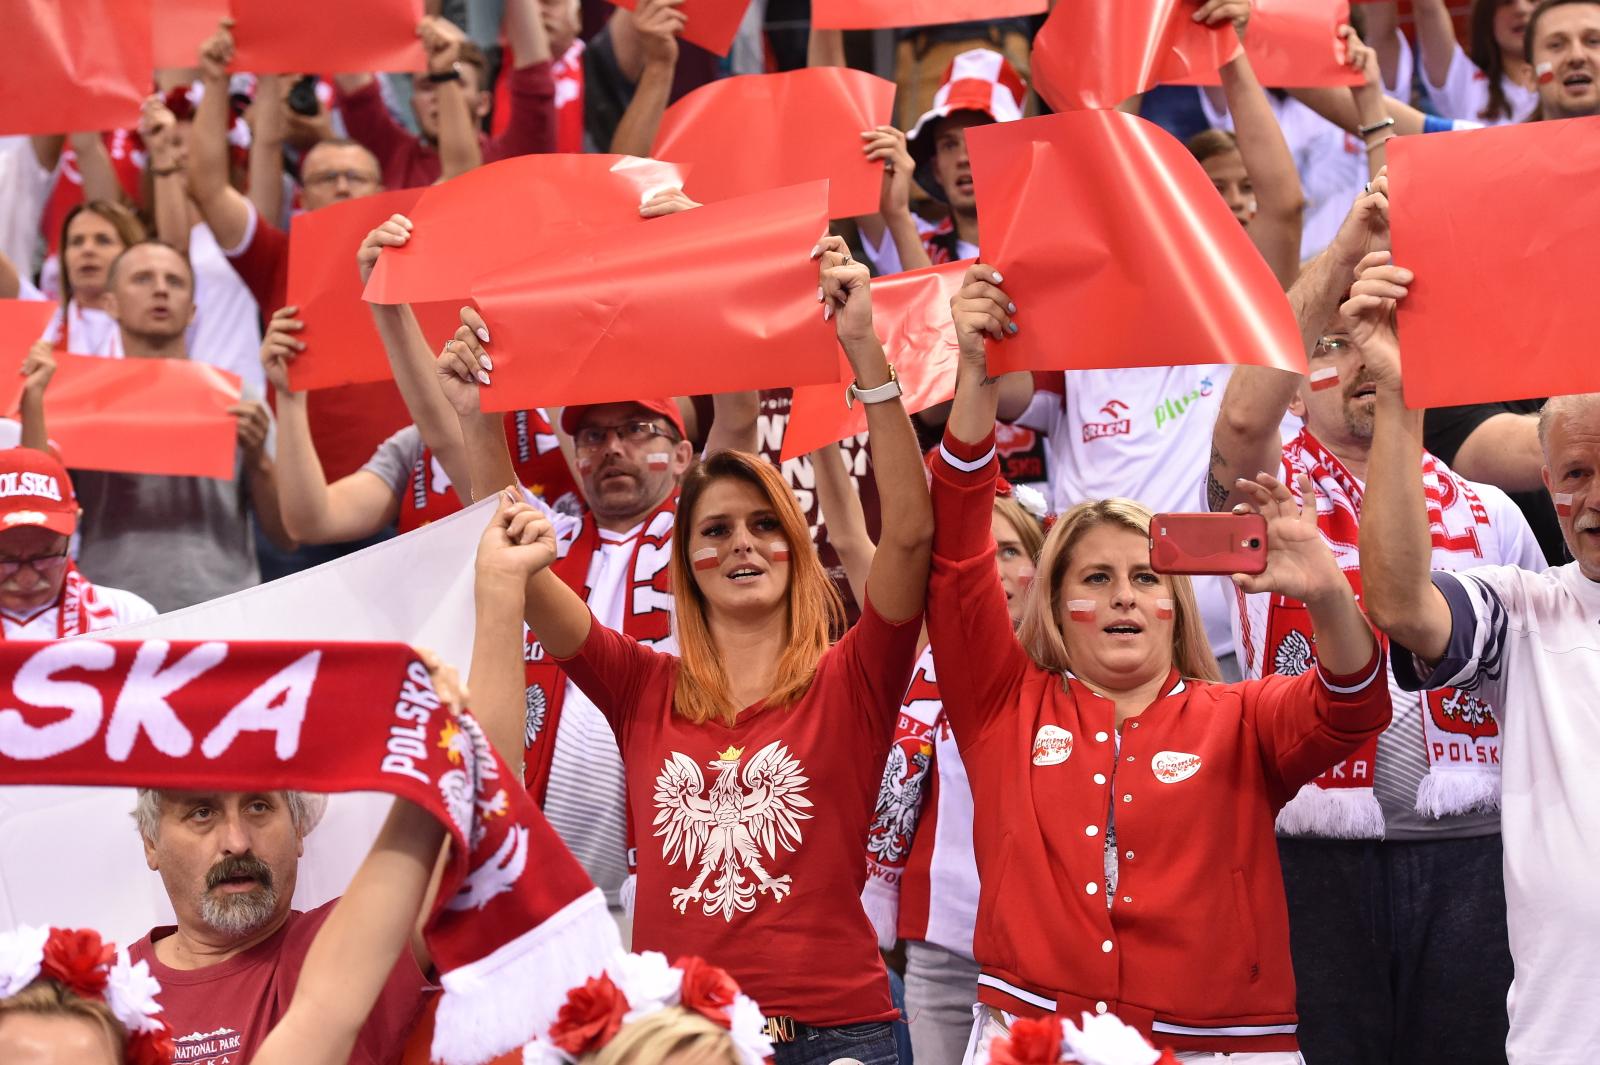 Kibice reprezentacji Polski podczas meczu siatkówki w Krakowie